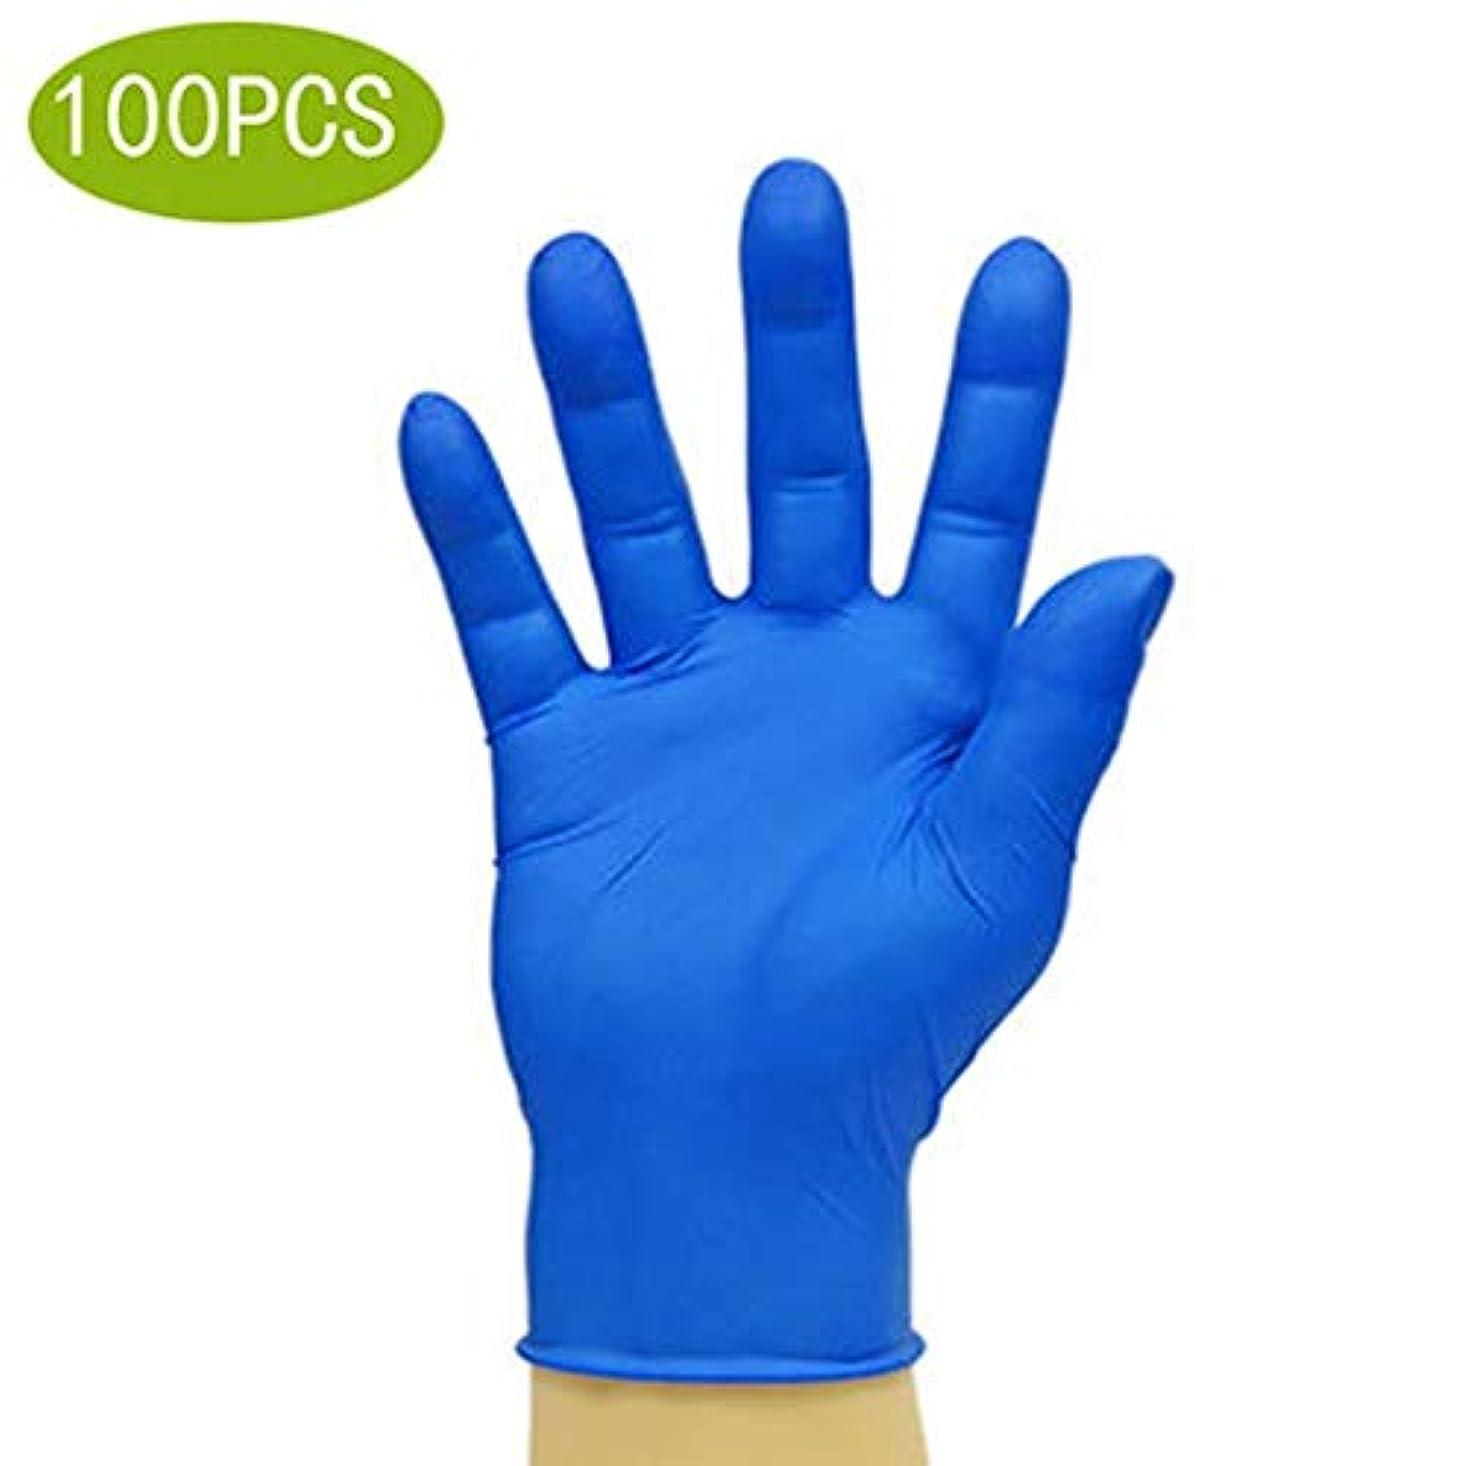 歩行者標高ラフ家庭用品使い捨て手袋ニトリル試験手袋医療用グレードパウダーフリー非S-L、インディゴ、ラージ、100カウント (Size : S)